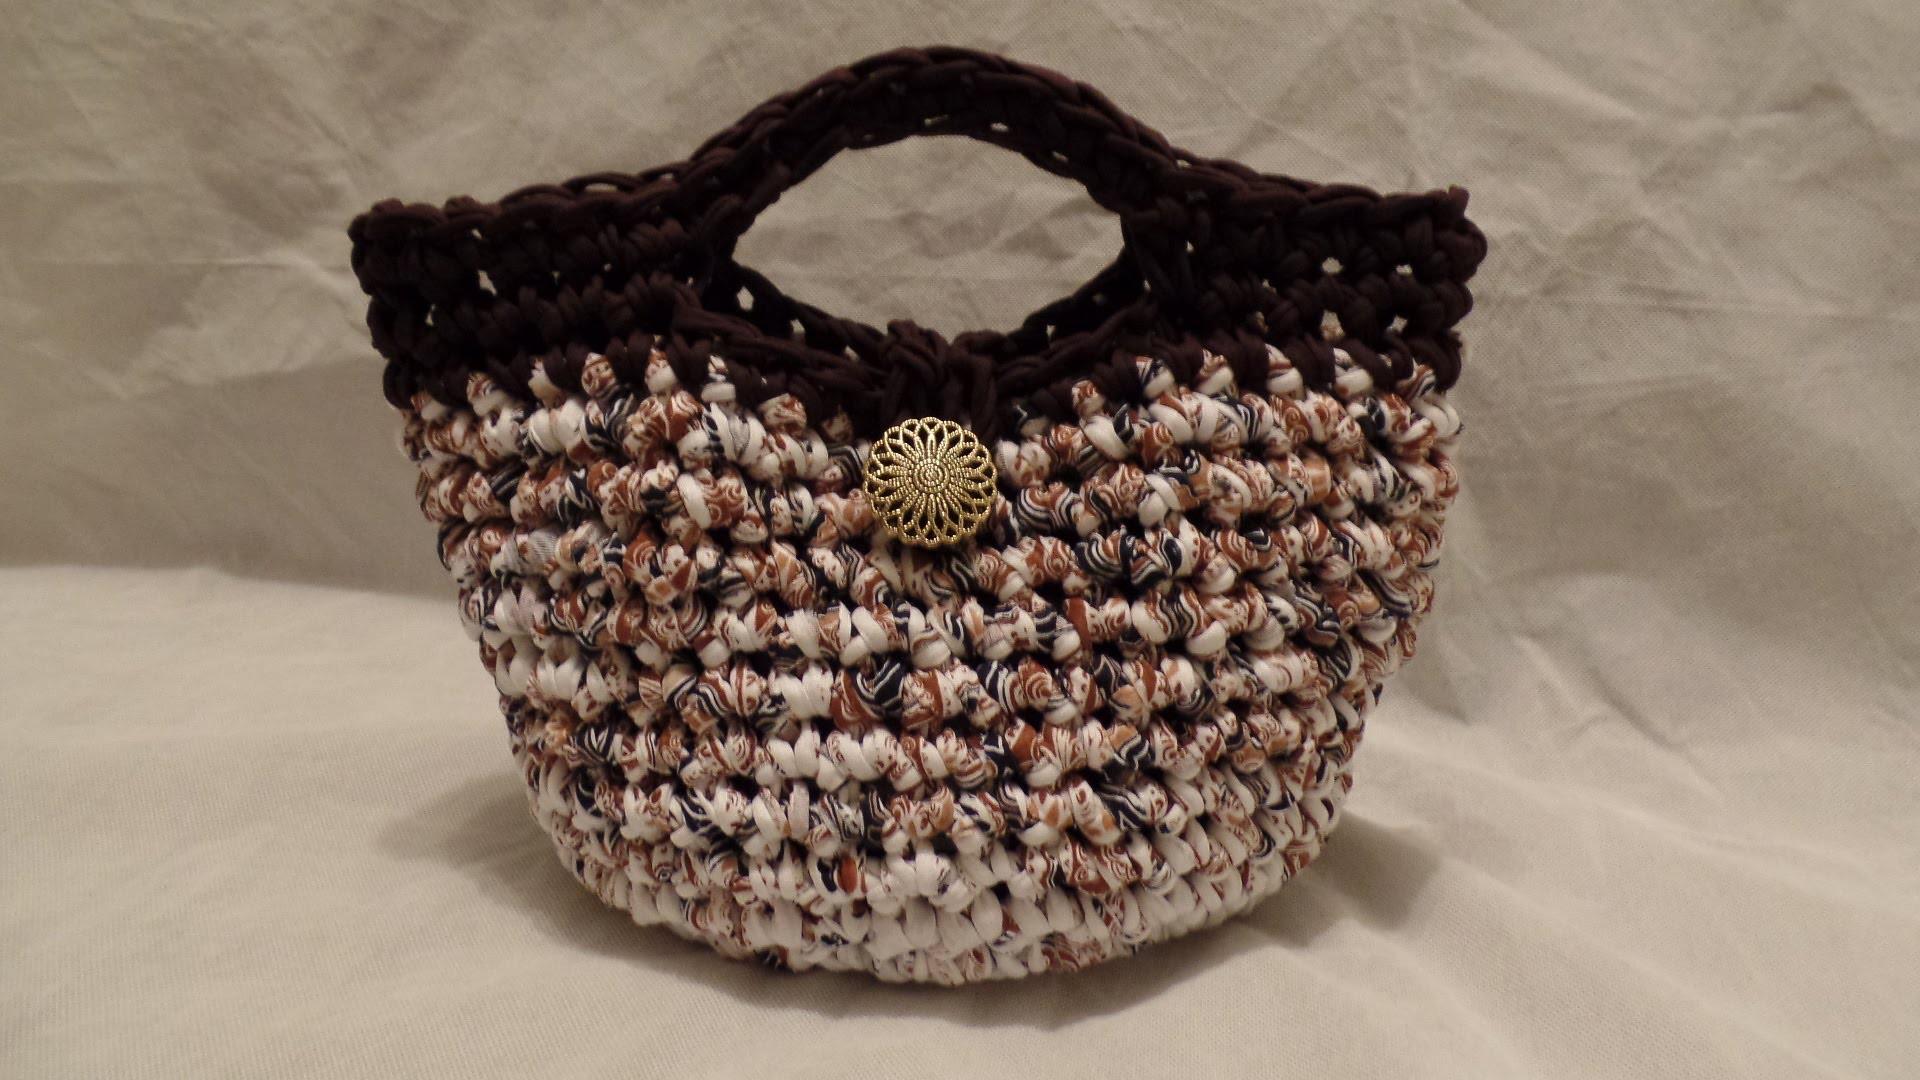 T Shirt Yarn #Crochet Purse Handbag #TUTORIAL